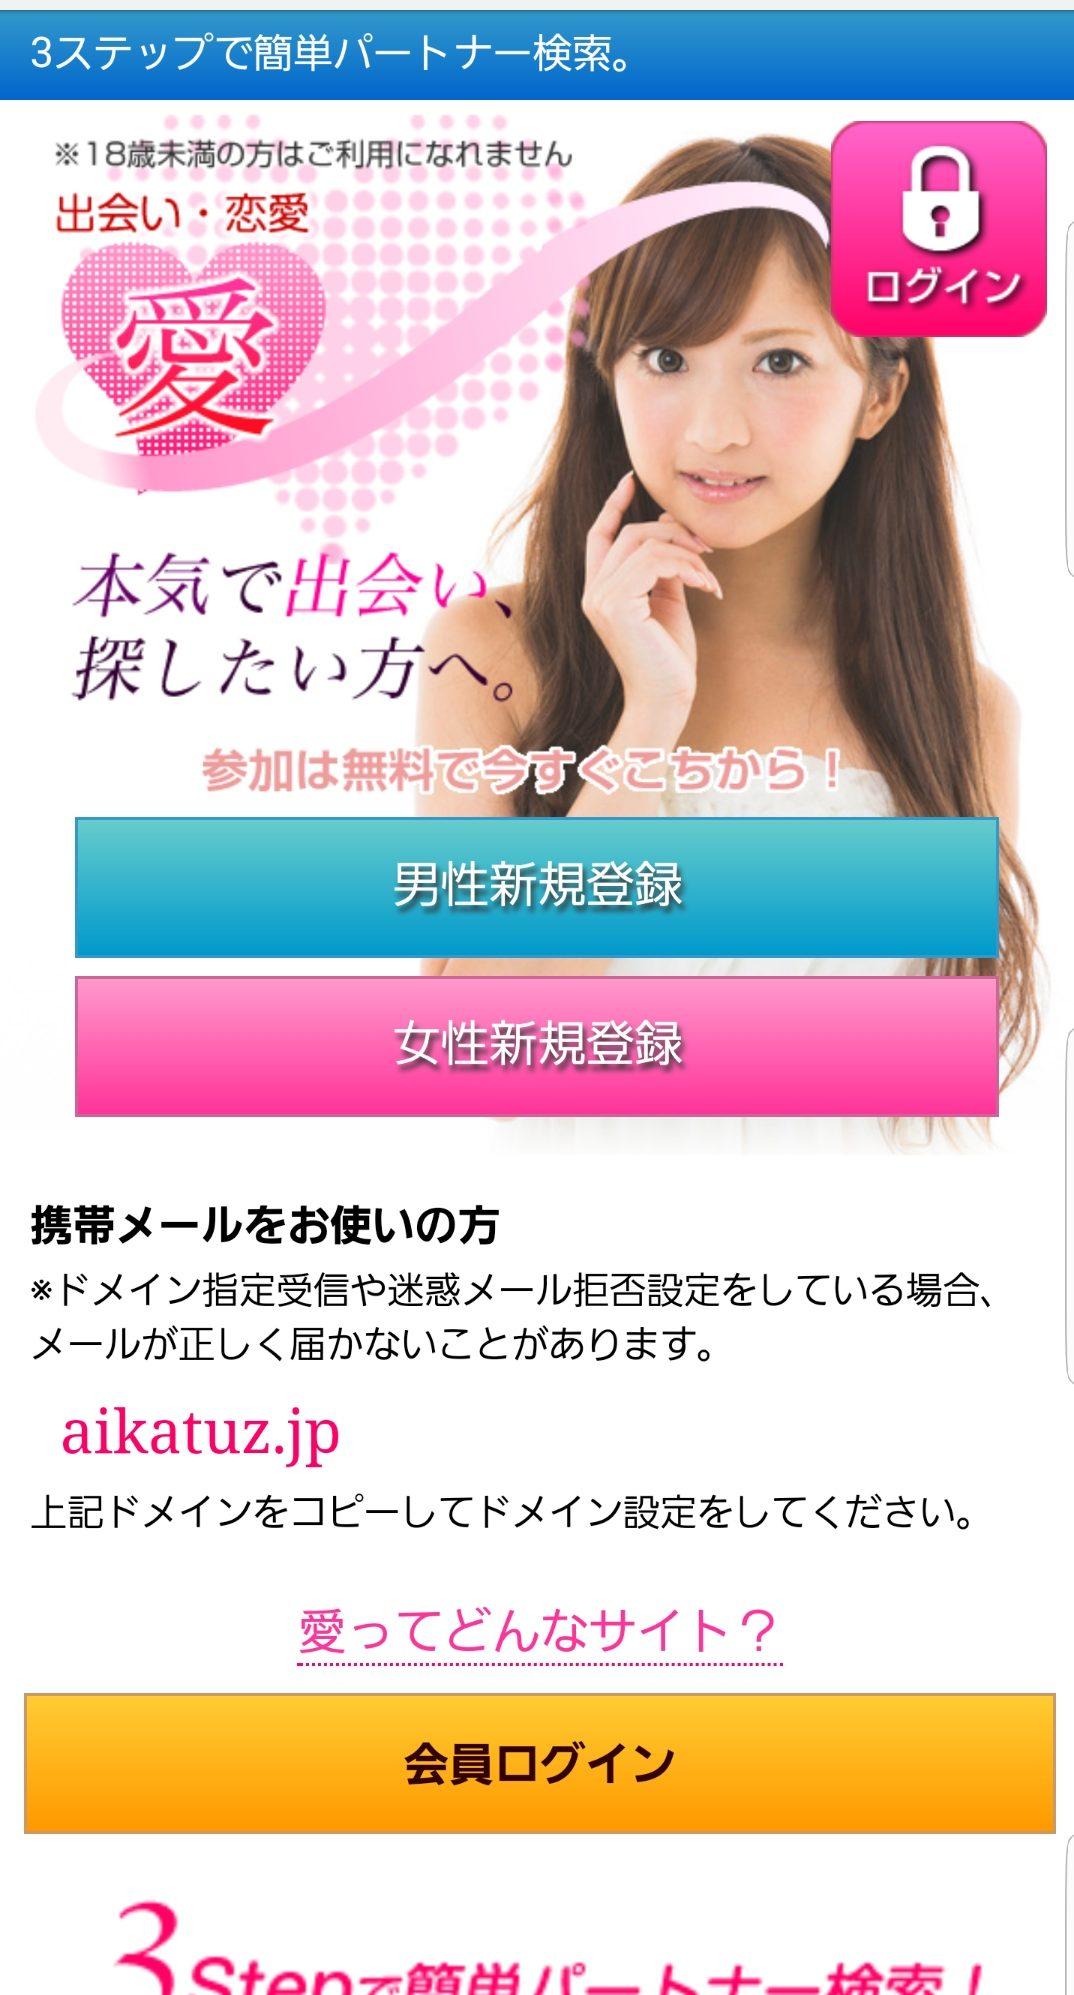 愛の110番 - JapaneseClass.jp